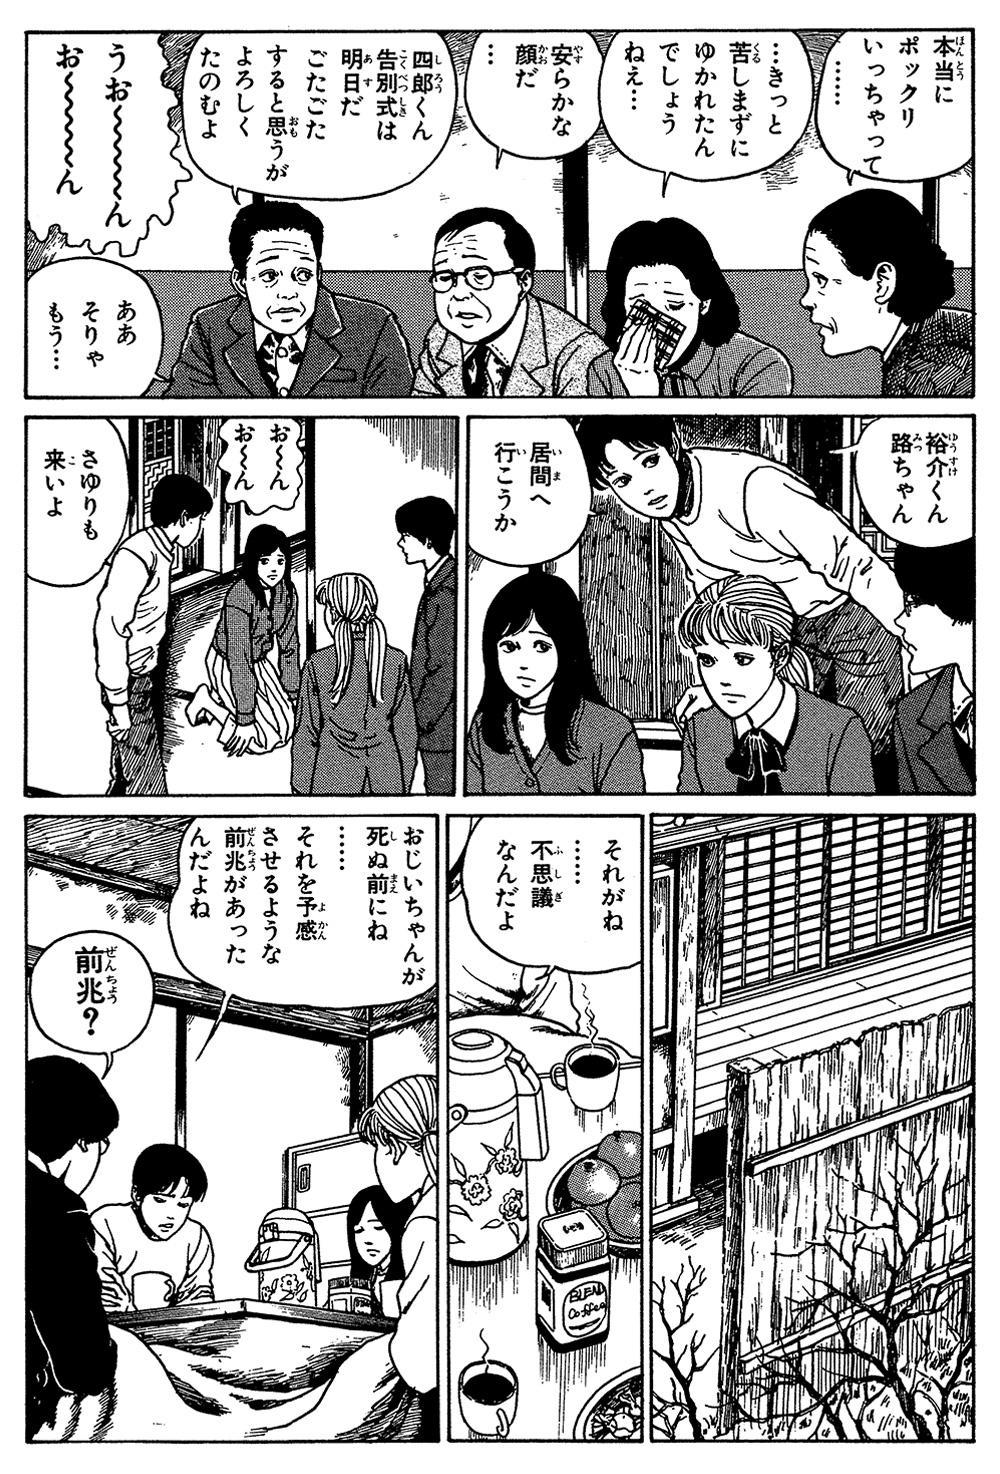 伊藤潤二傑作集「棺桶」①kanoke01-05.jpg